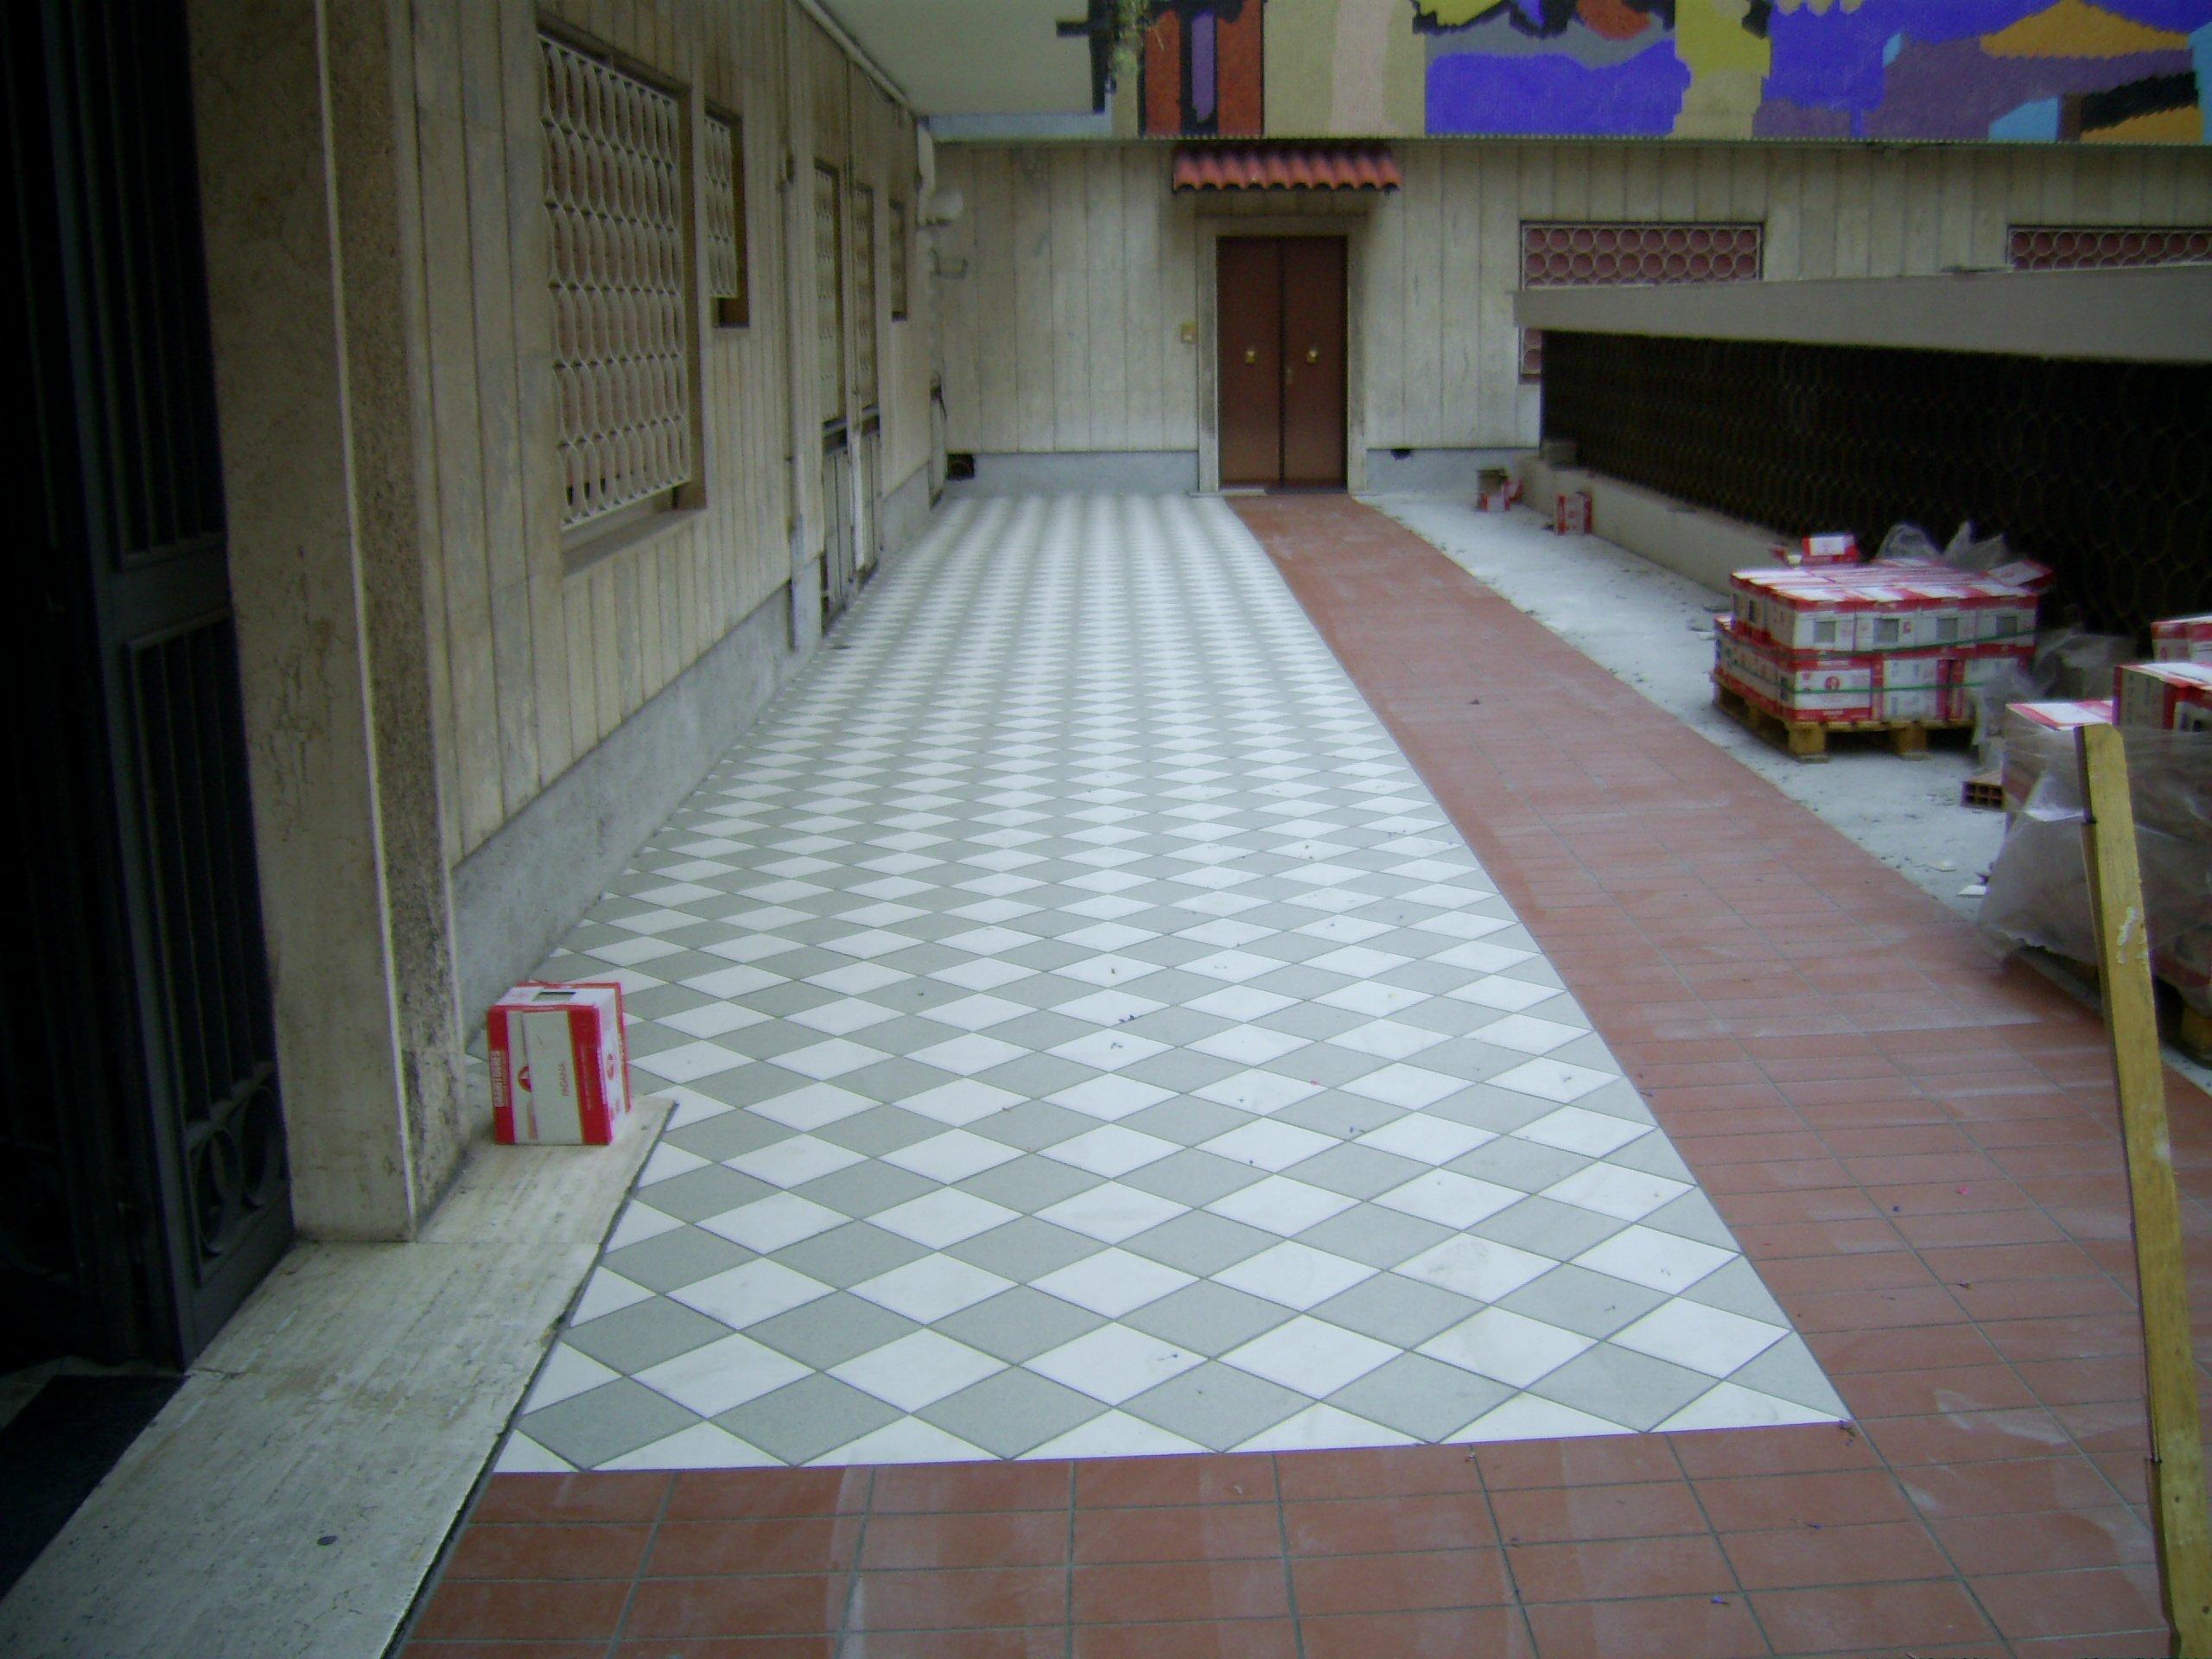 Pavimenti in gres porcellanato pavimenti a roma - Pavimenti gres porcellanato ...